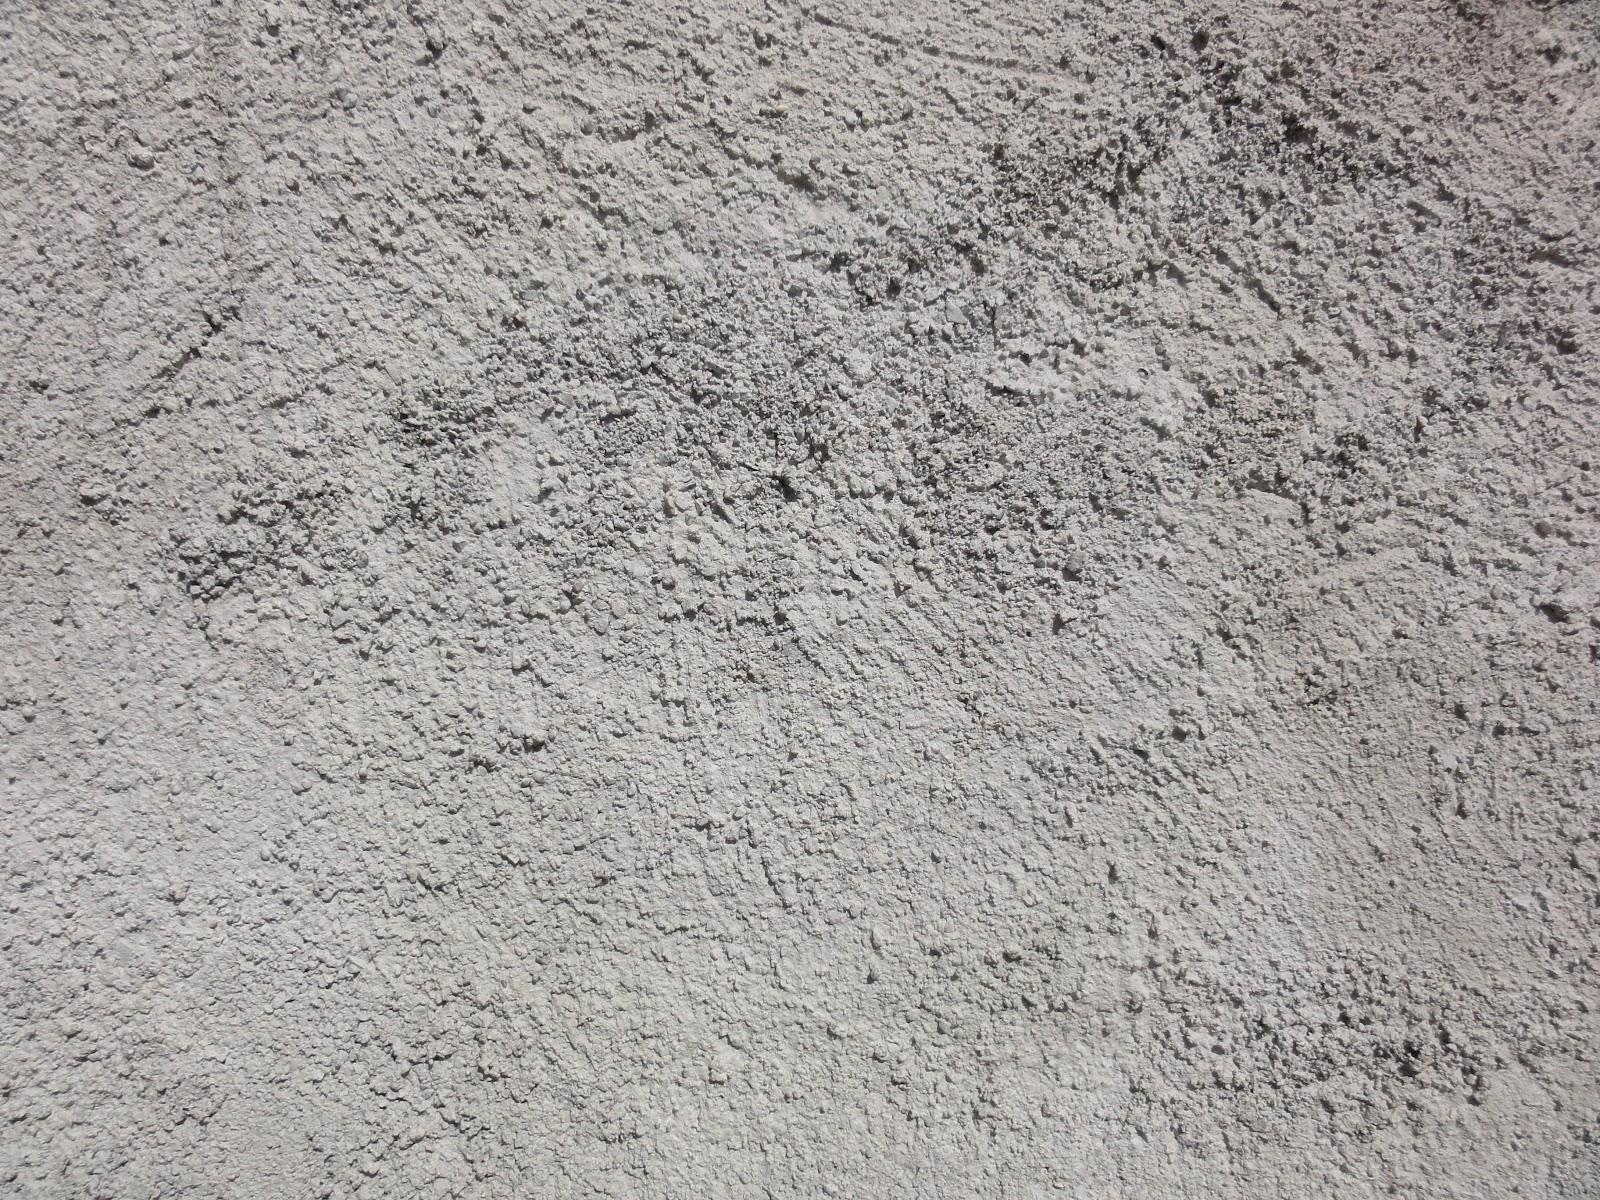 Populaire Qu'en pensez vous ?: Mur en béton - image fond d'écran gratuite CA28